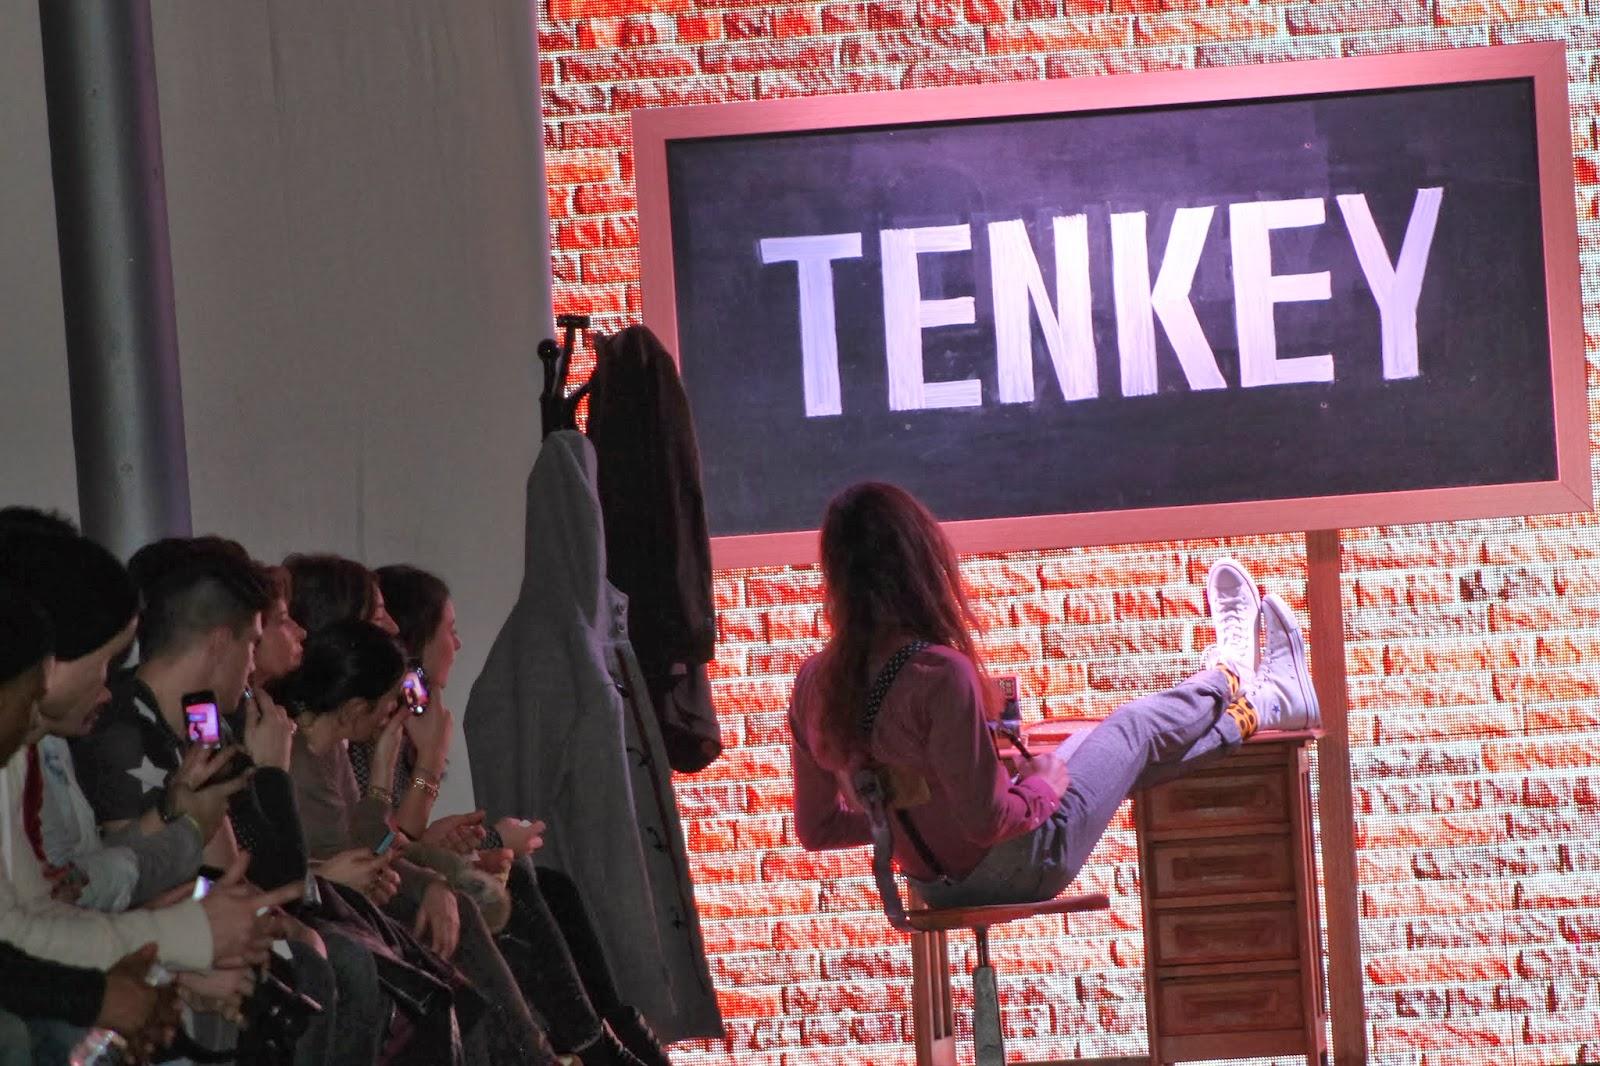 Tenkey by CarmenHummer